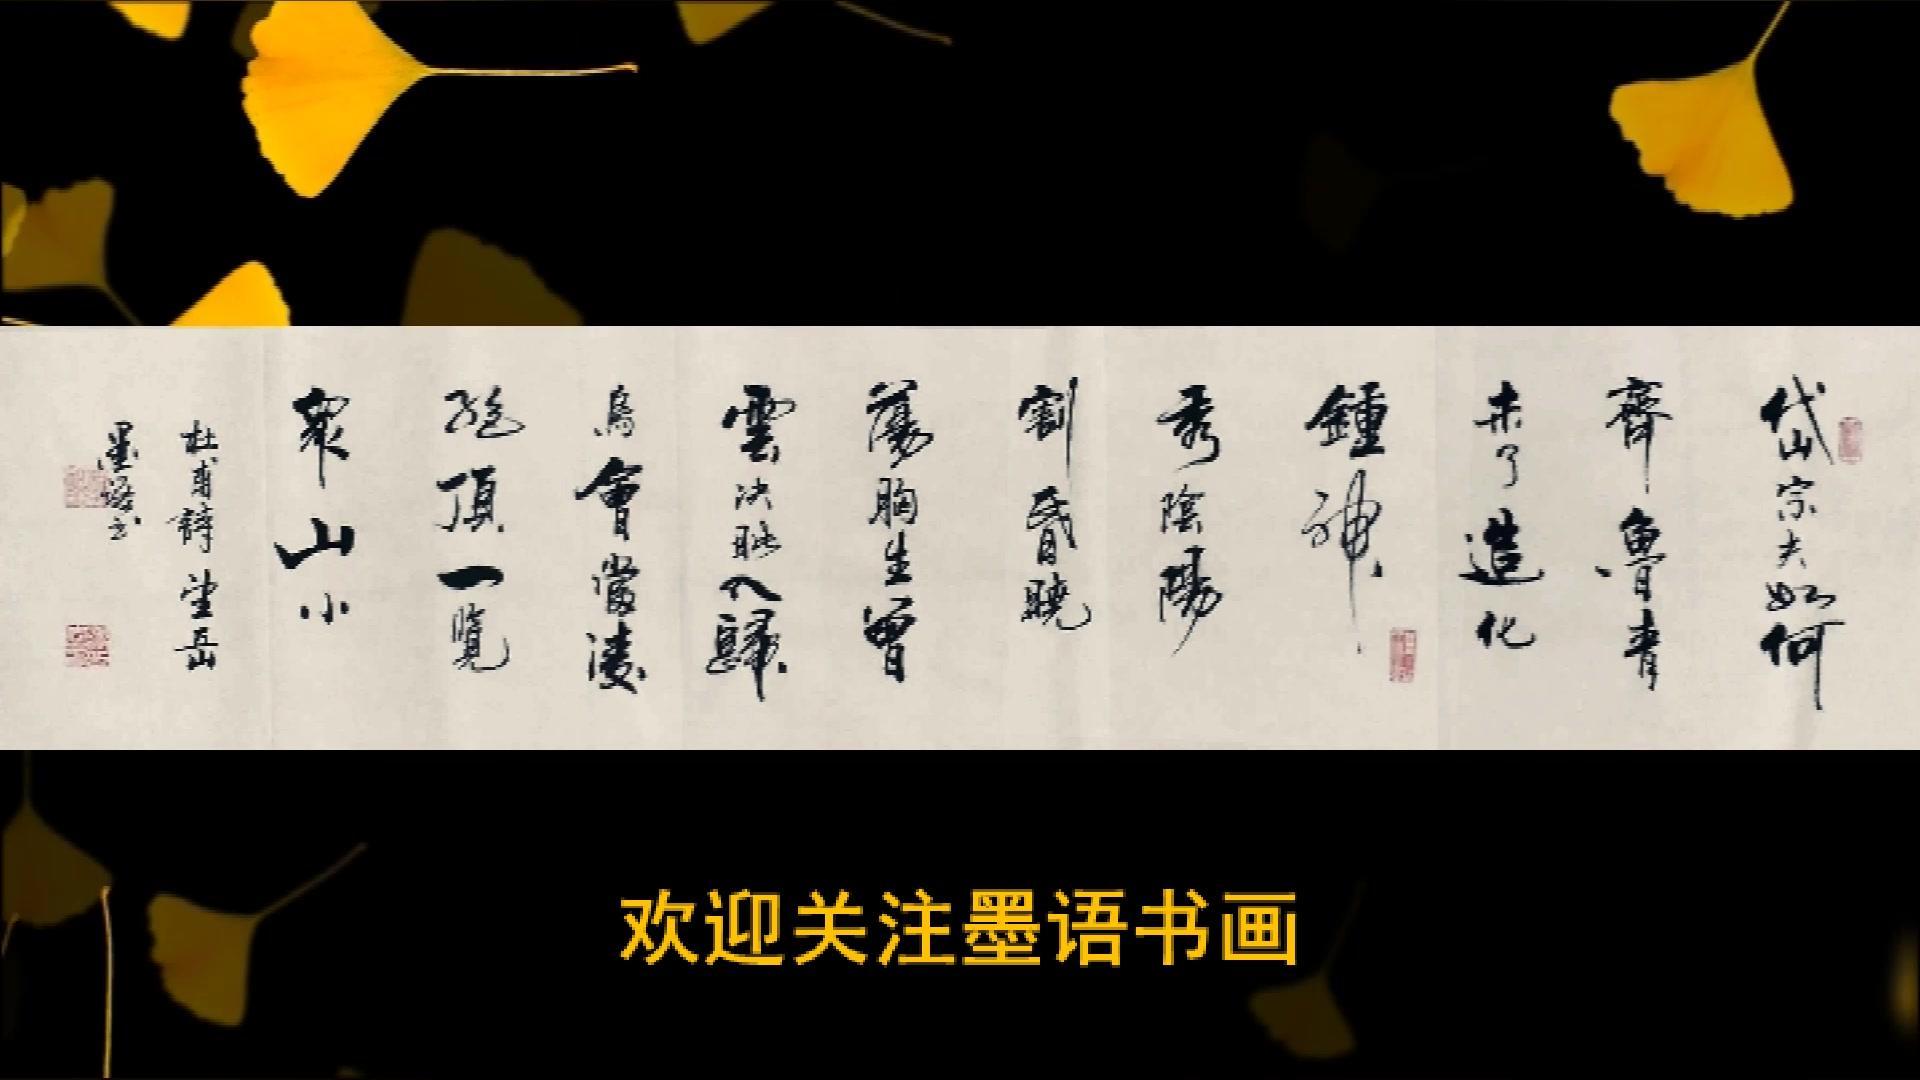 杜甫5言诗《望岳》,这书法苍劲飘逸,百看不厌!美不胜收!